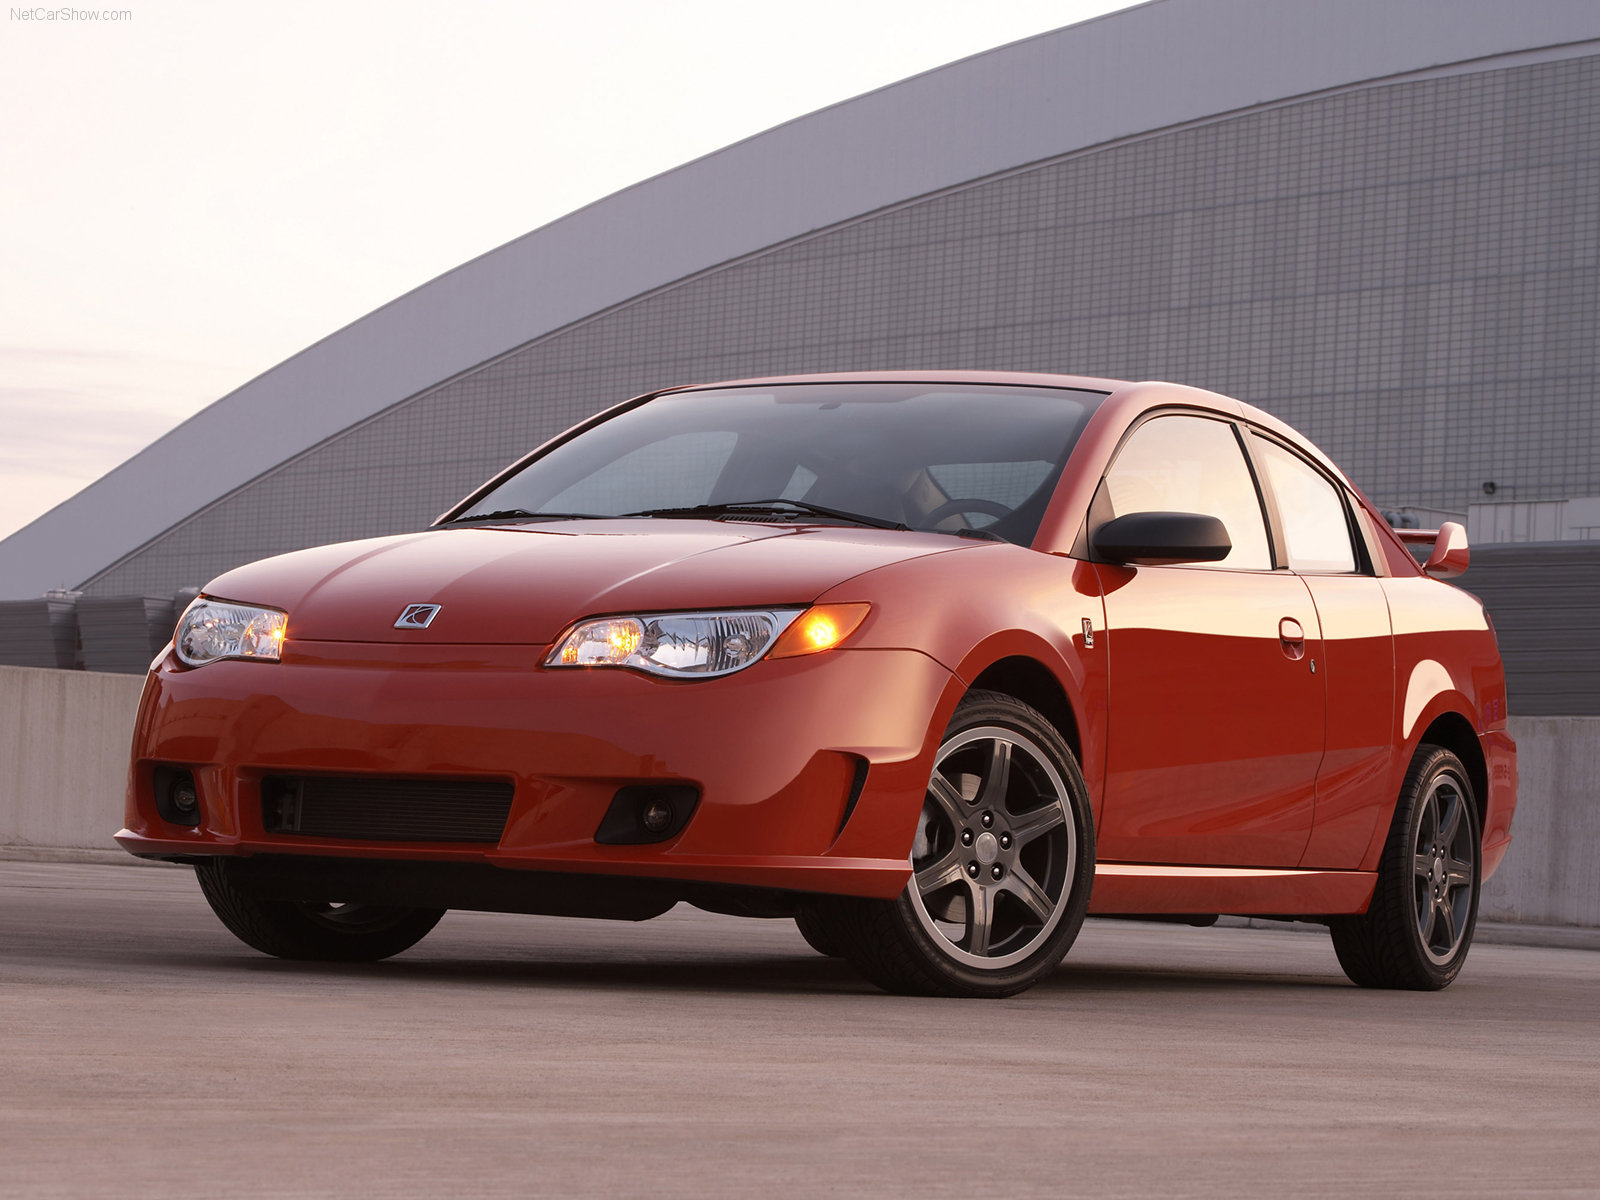 Hình ảnh xe ô tô Saturn Ion Red Line 2006 & nội ngoại thất